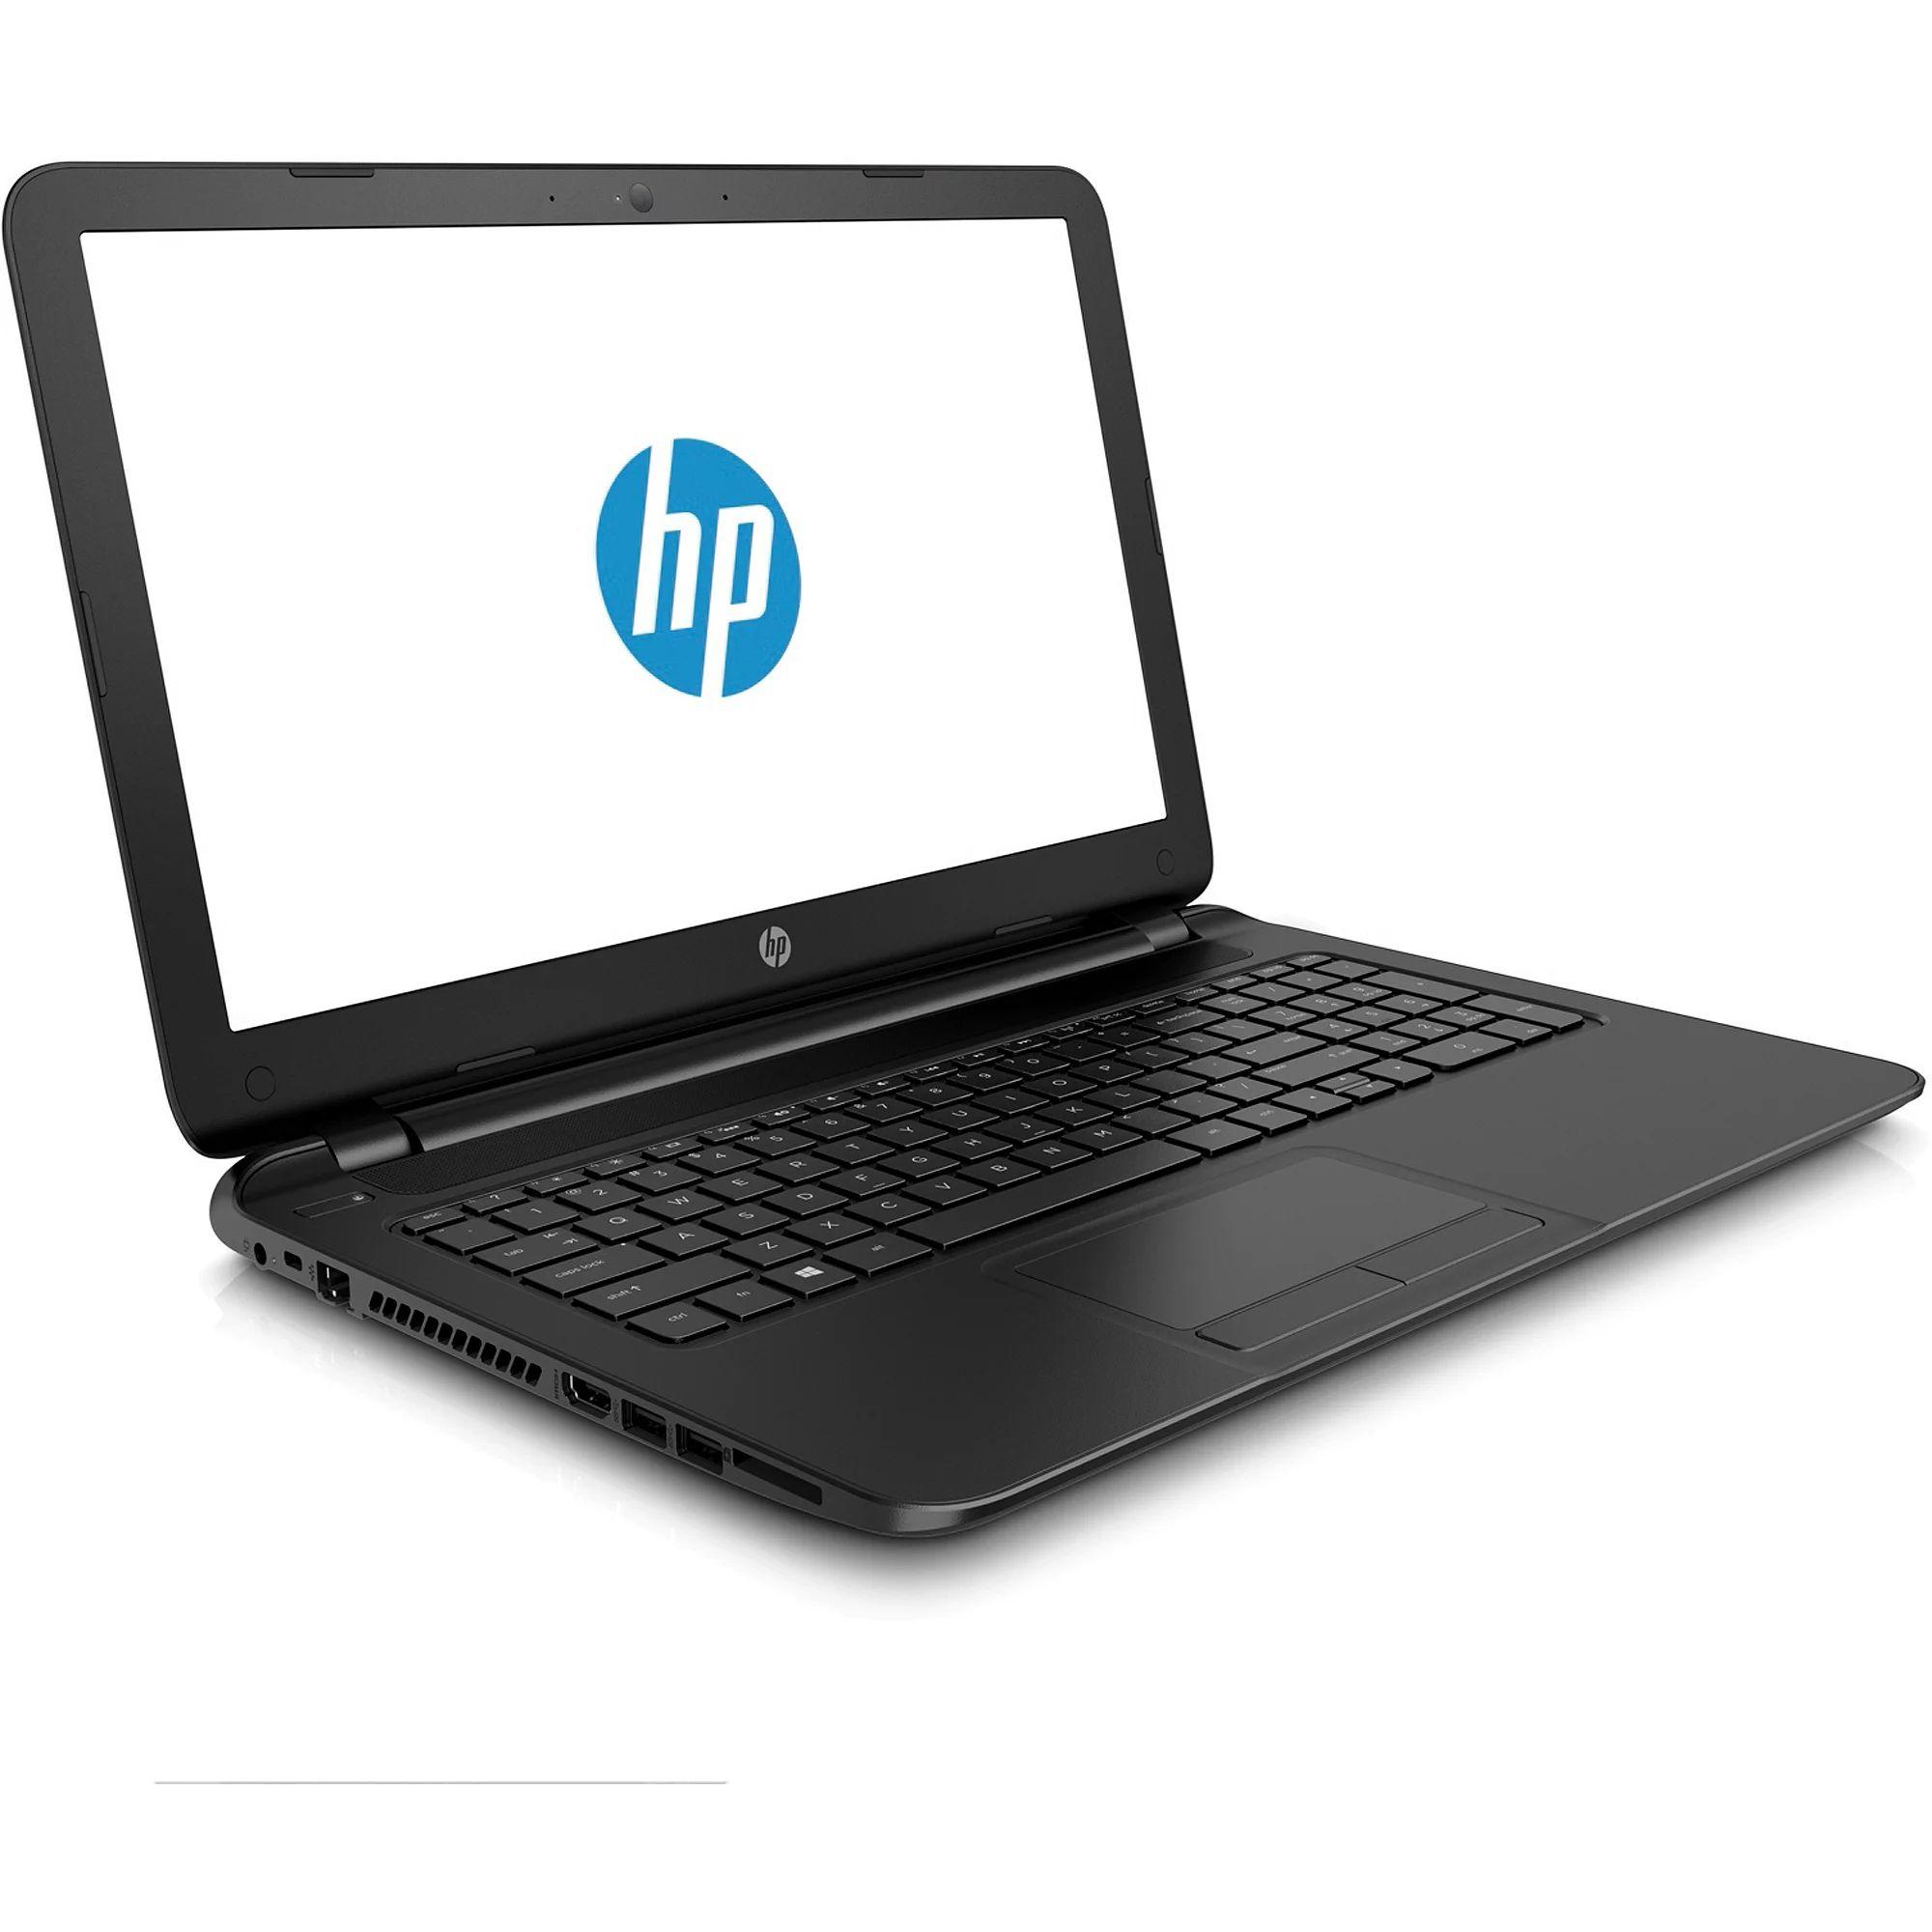 Hp j8x12ua 15 f039wm notebook pc intel celeron n2830 2 16 ghz dual core processor 4 gb ddr3l sdram 500 gb hard drive 15 6 inch display windows 8 1